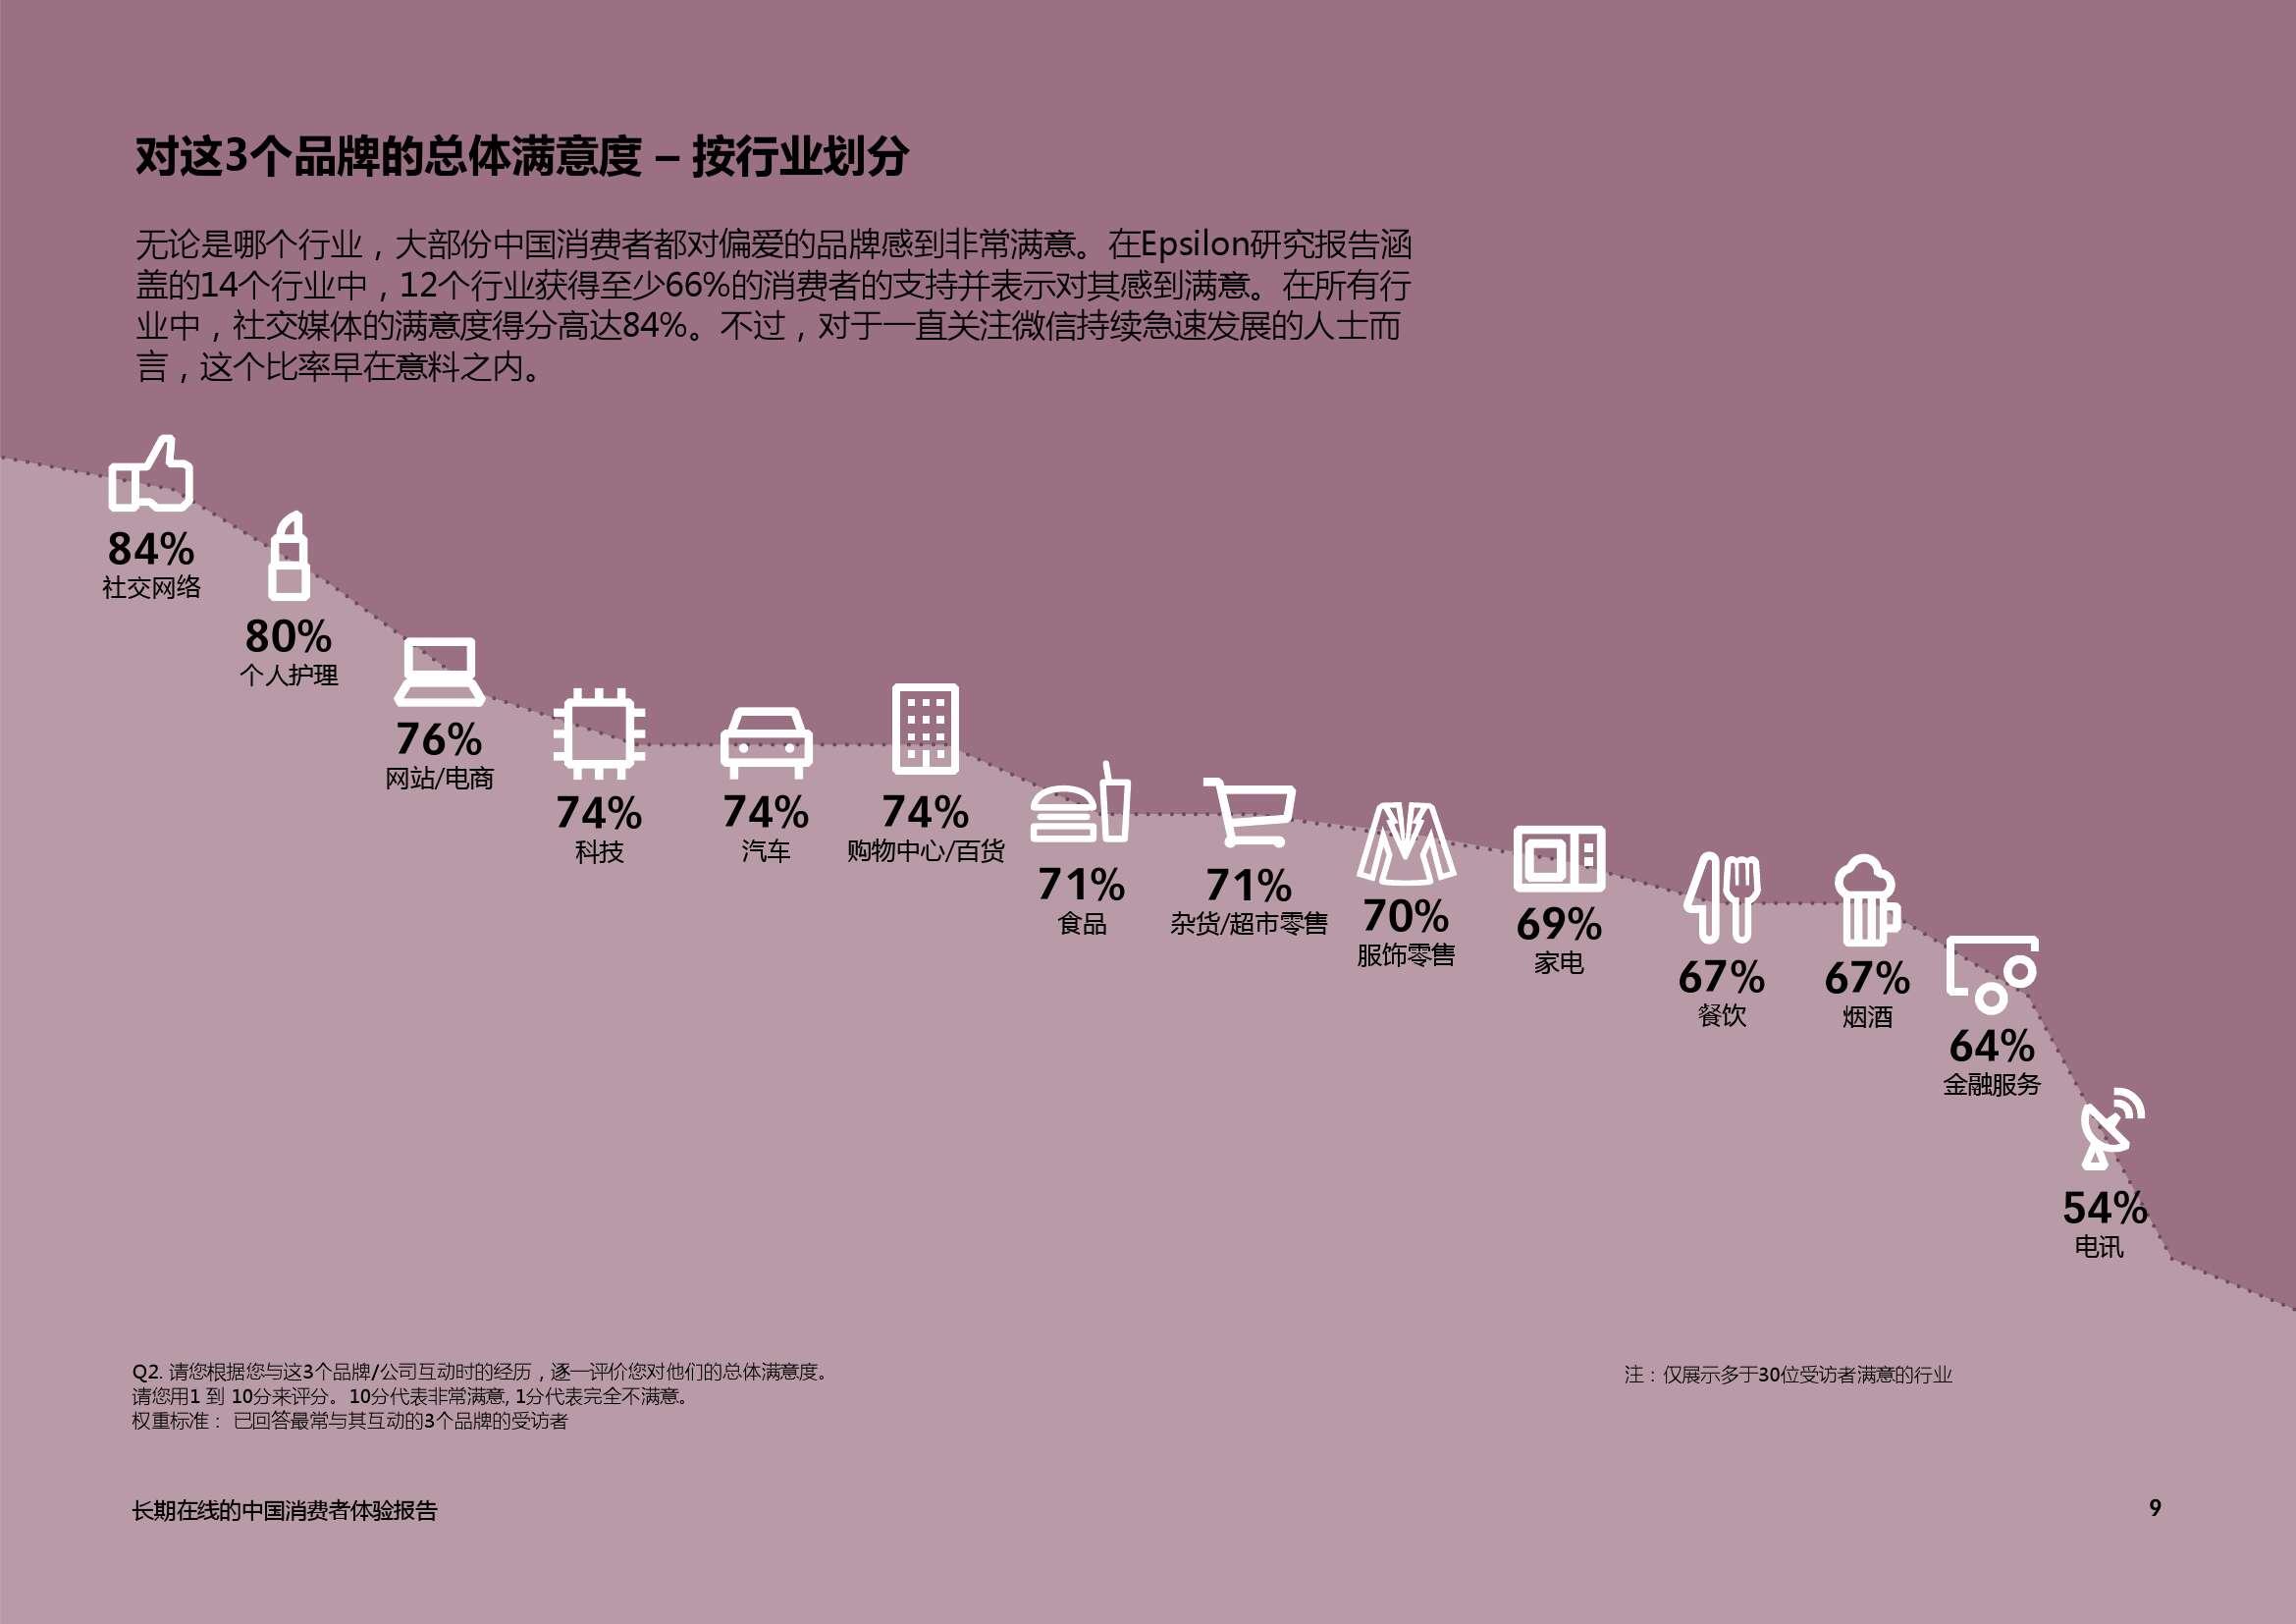 艾司隆 (Epsilon):2015中国消费者品牌体验报告_000009